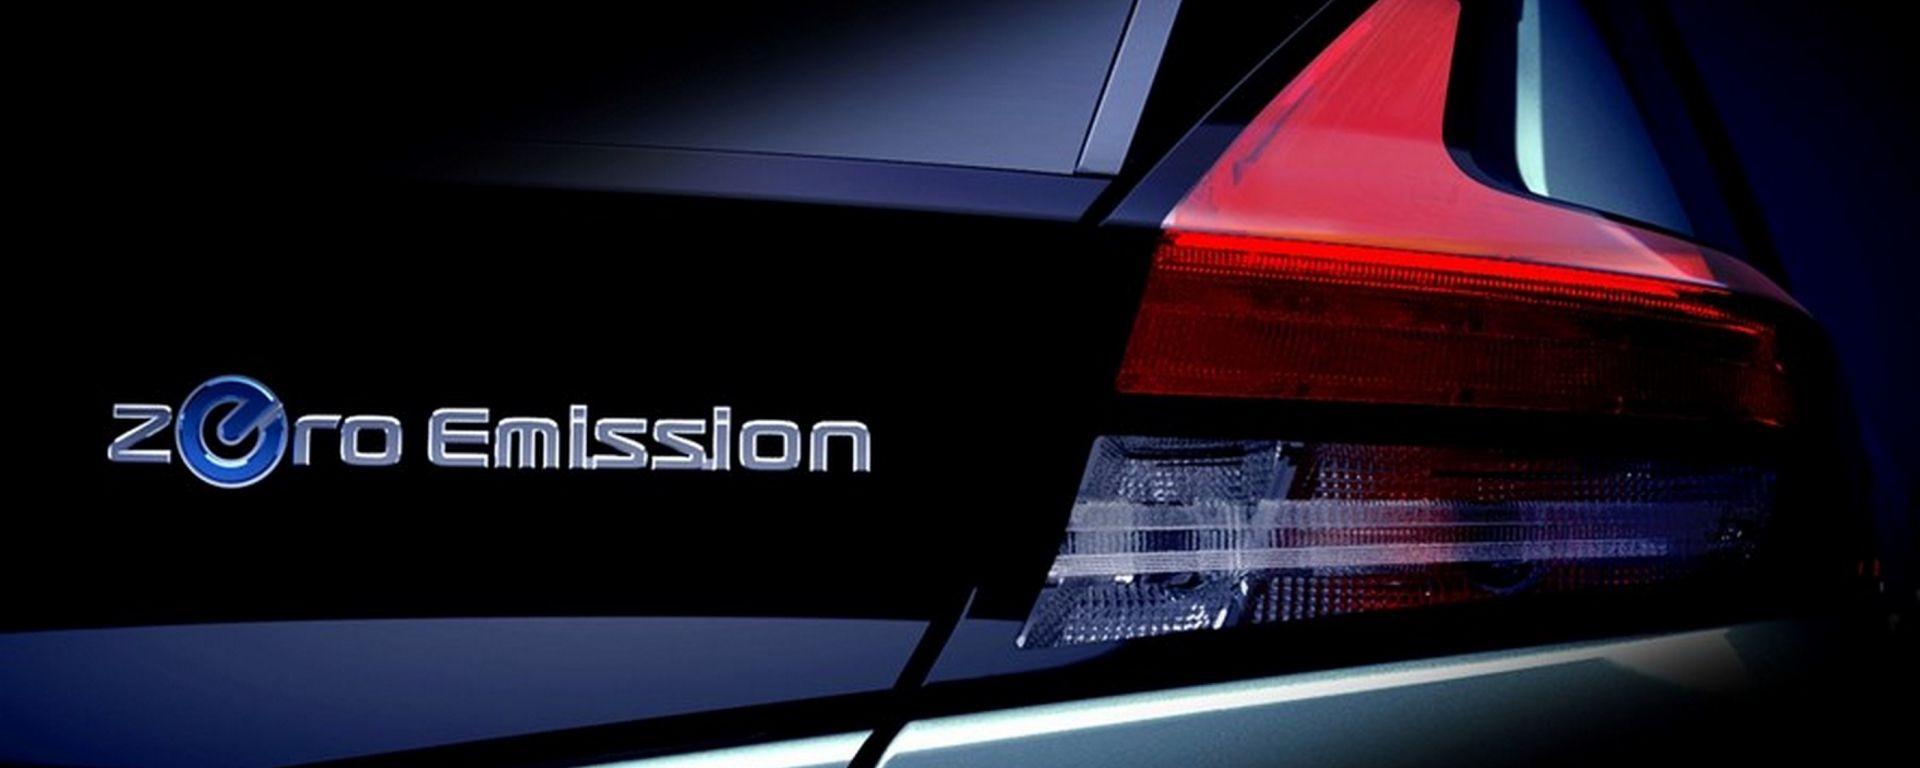 Nuova Nissan Leaf 2018: la presentazione il 6 settembre